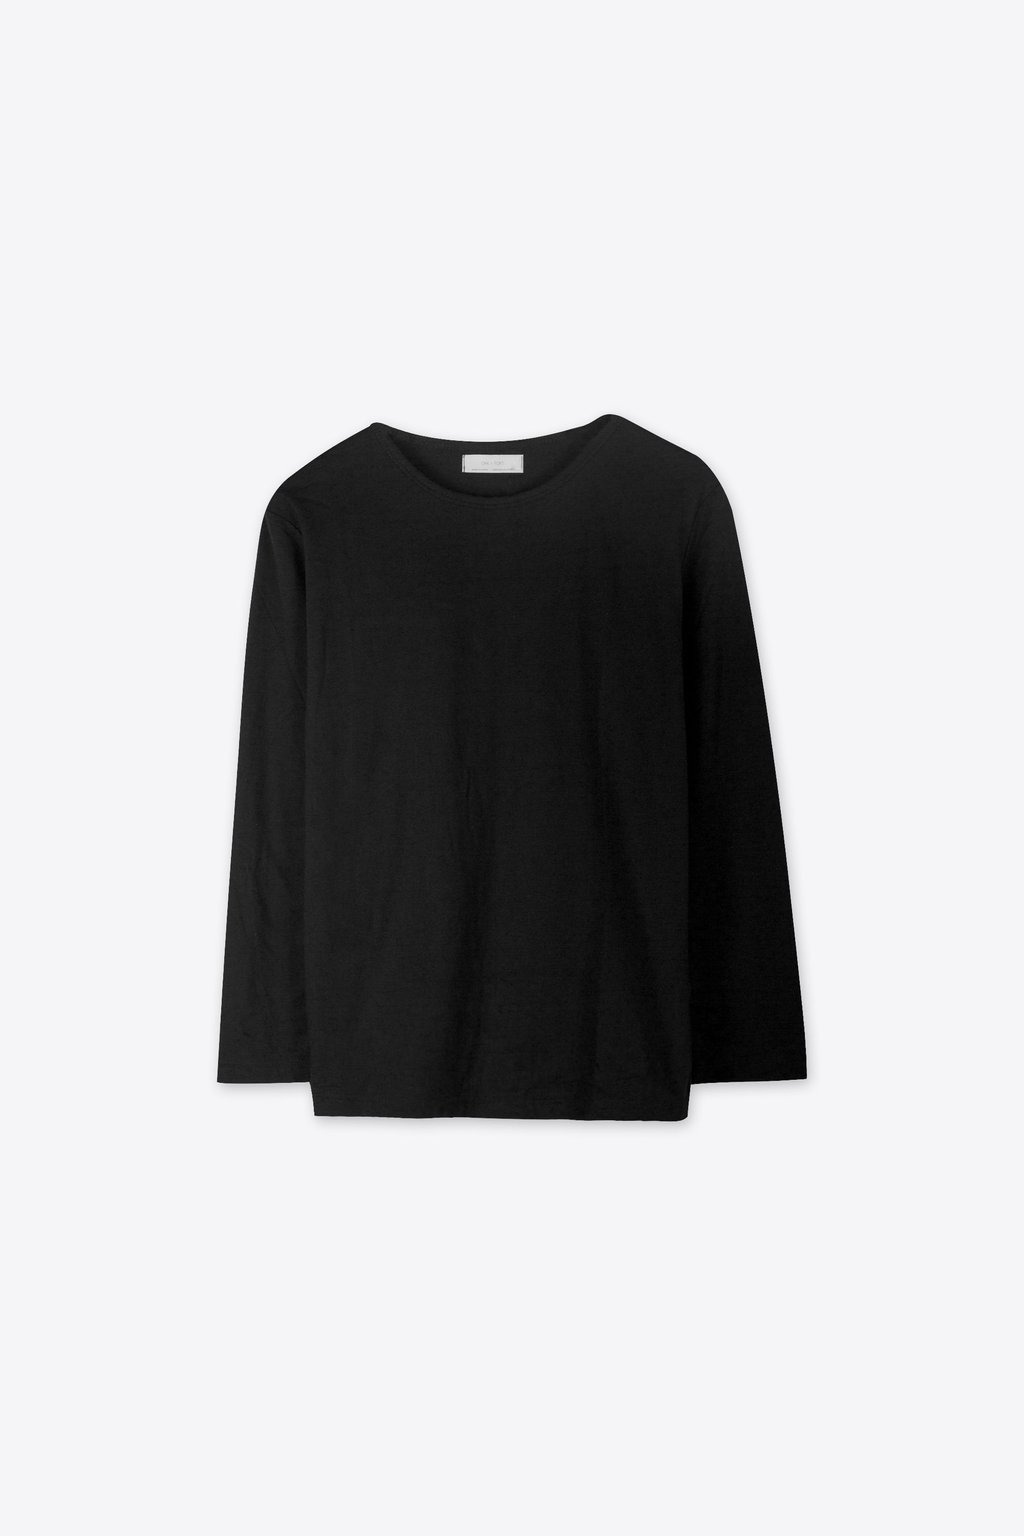 TShirt 1435 Black 9